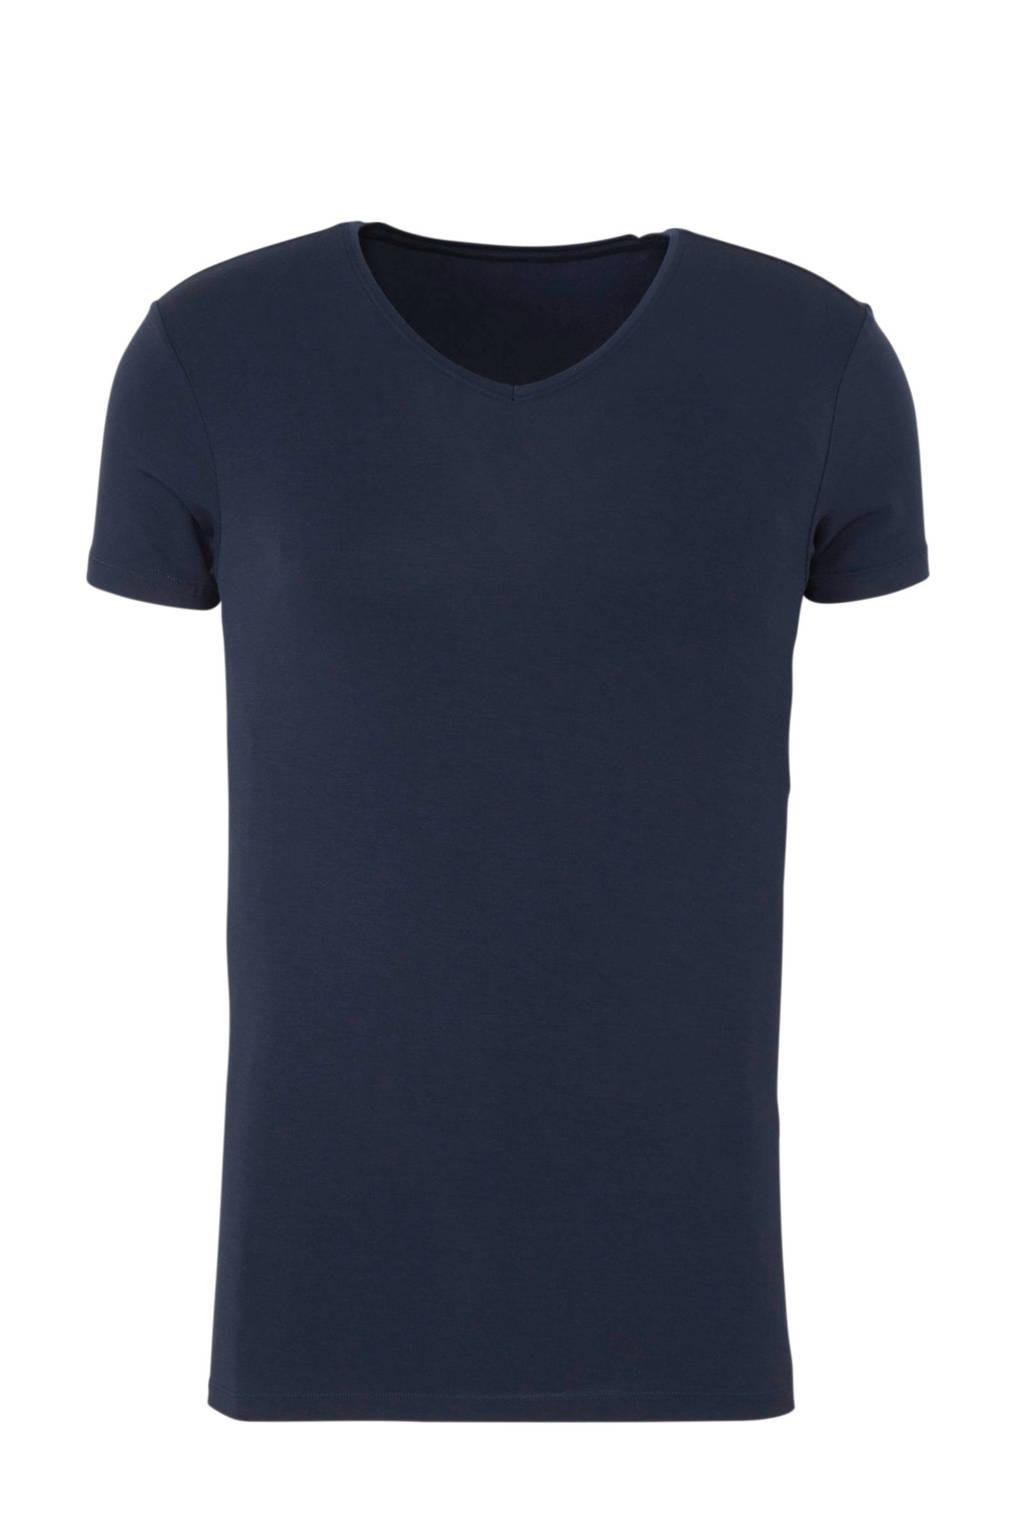 ten Cate Men Bamboo bamboe T-shirt donkerblauw, Donkerblauw